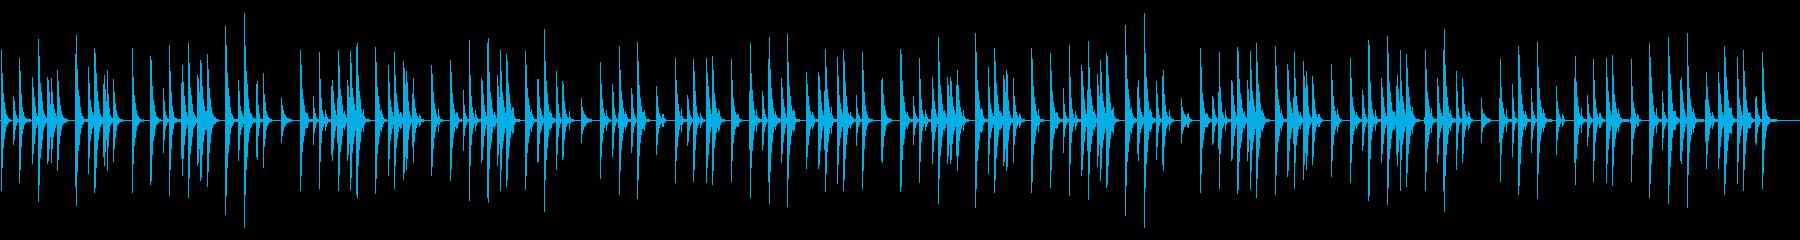 マレット楽器の素朴なイージーリスニングの再生済みの波形